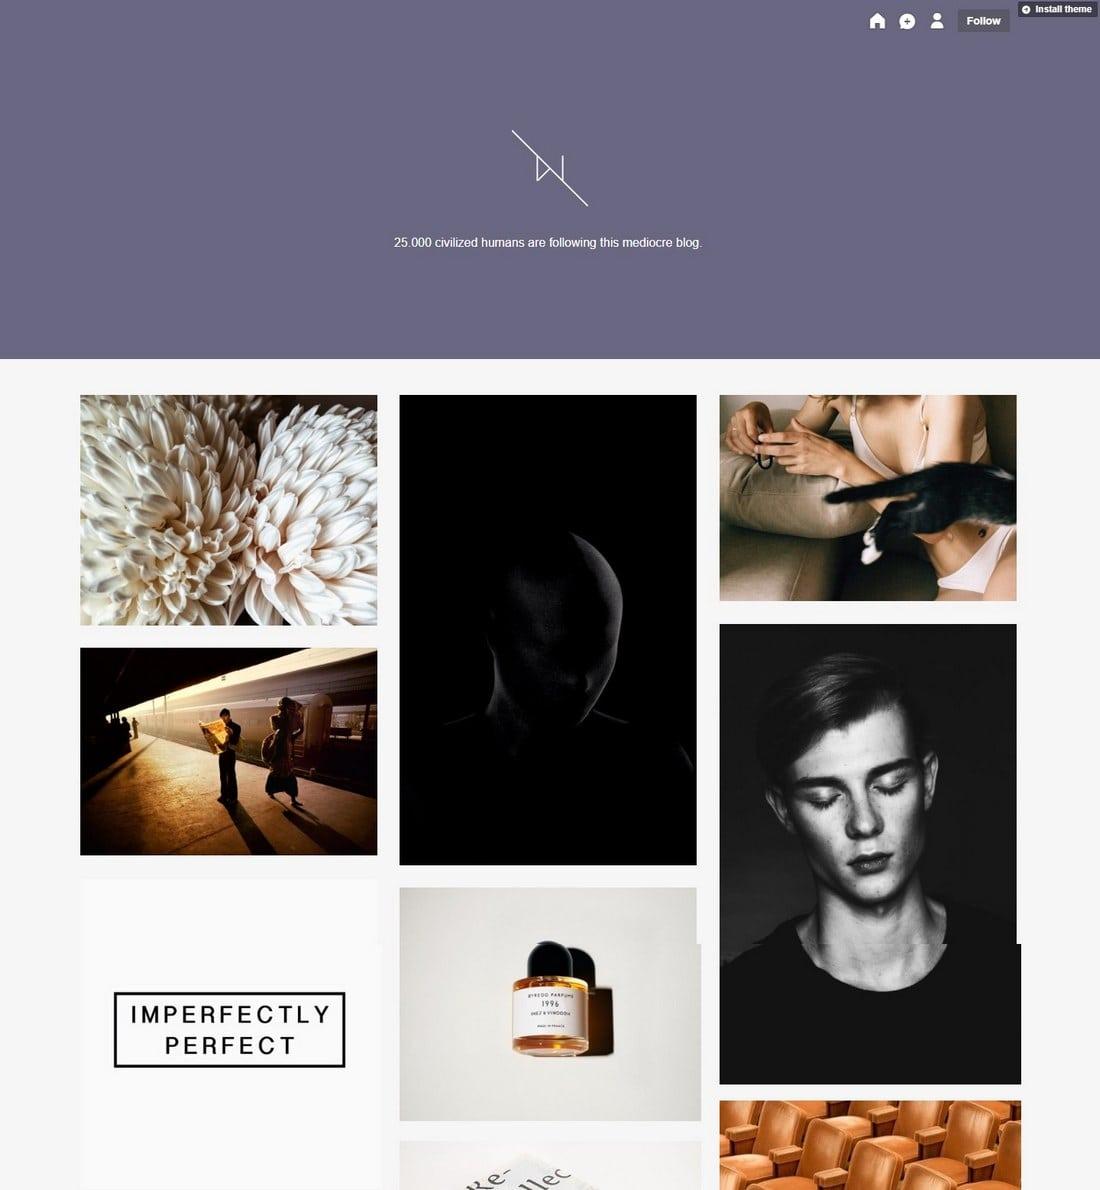 imnotwordy-tumblr-theme 50+ Best Free & Premium Tumblr Themes 2018 design tips